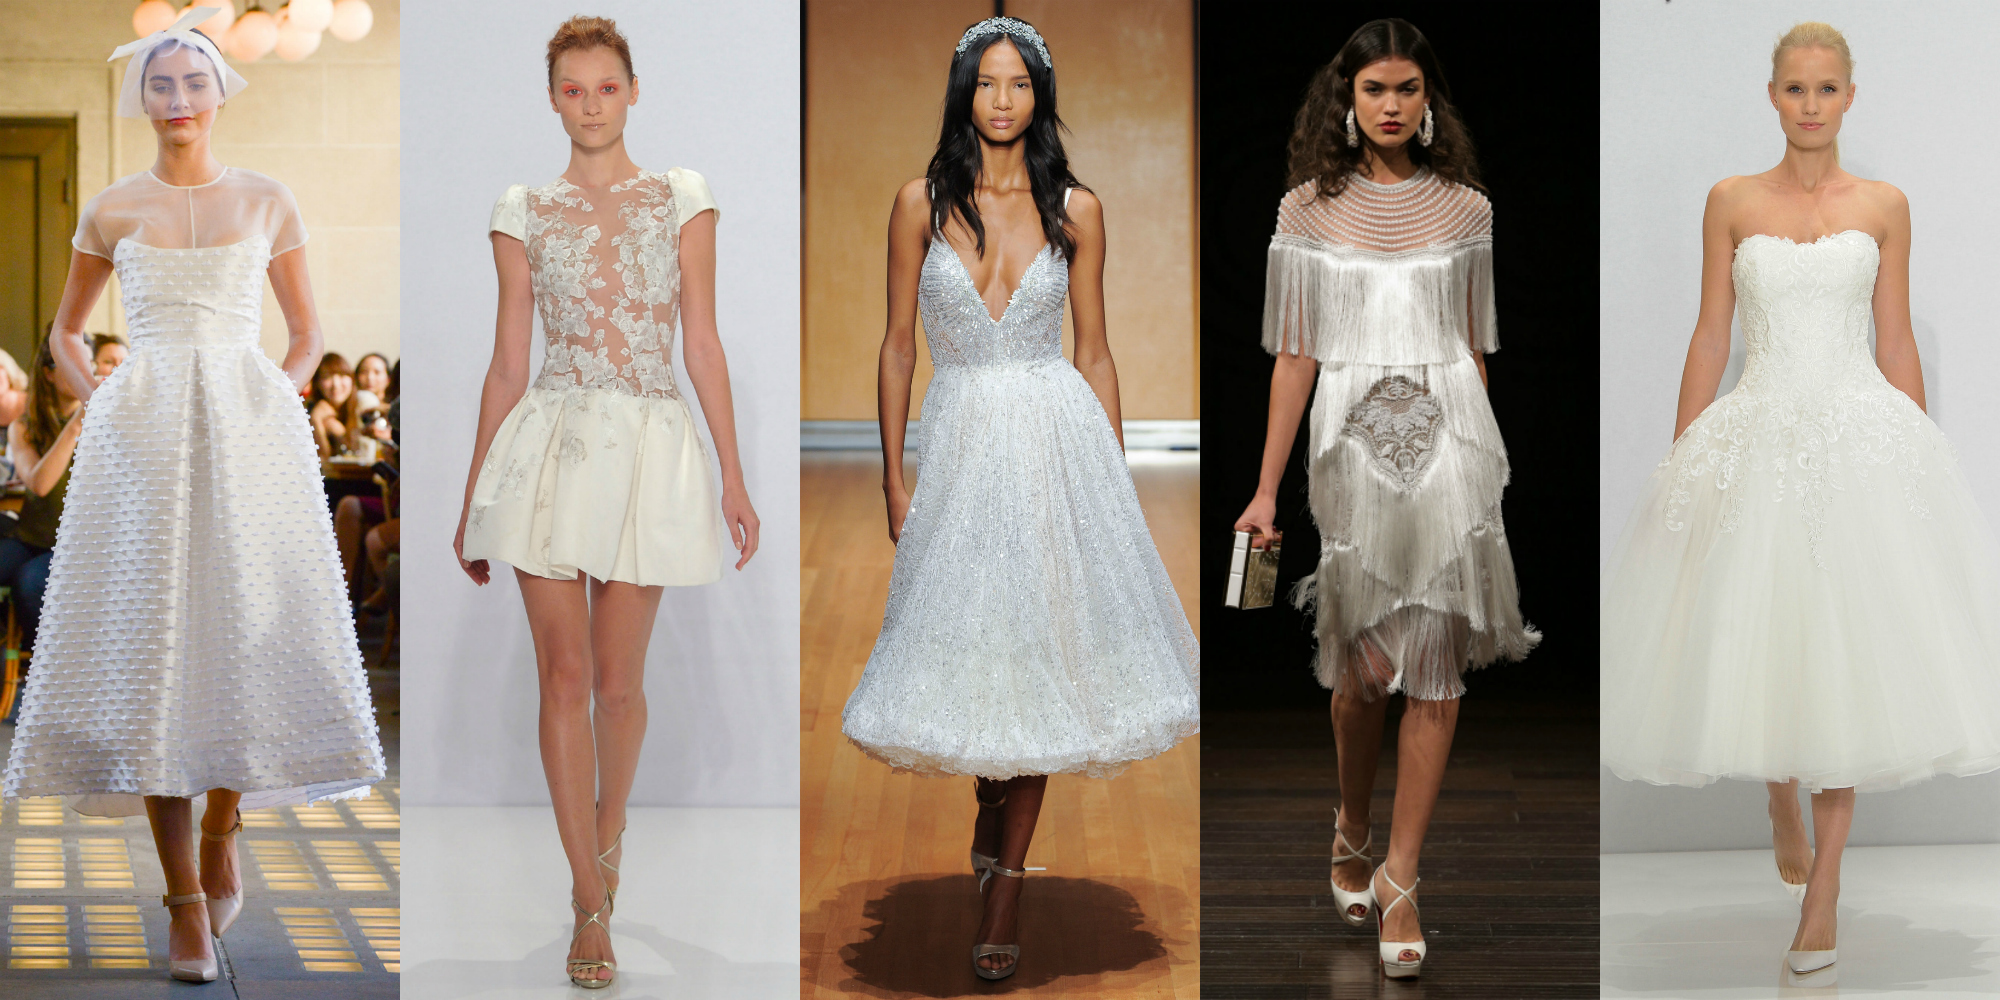 13 Short Wedding Dresses For Summer 13 Designer Short